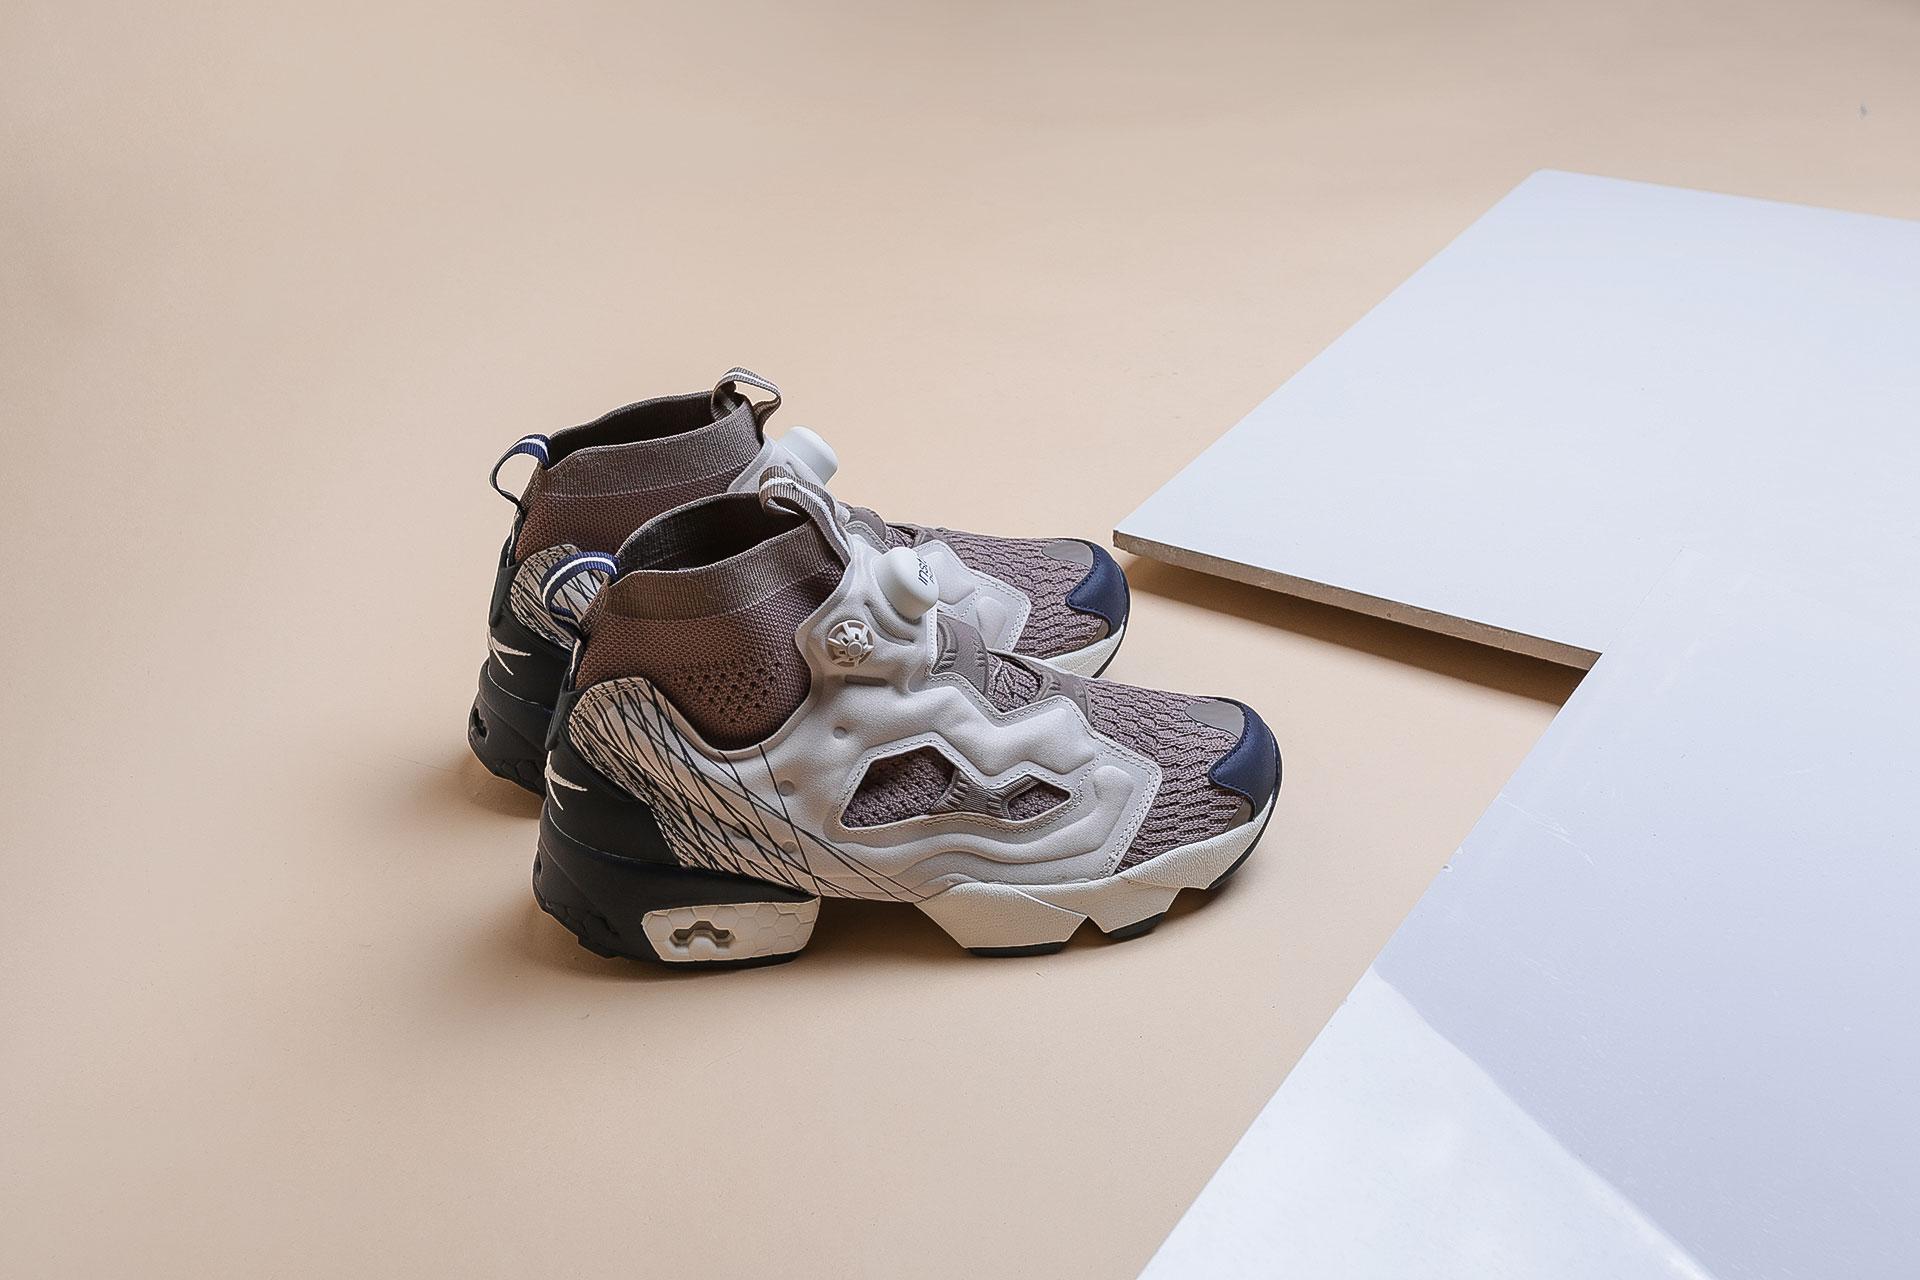 821a34894069d6 Купить бежевые мужские кроссовки Instapump Fury OG ULTK TL от Reebok ...